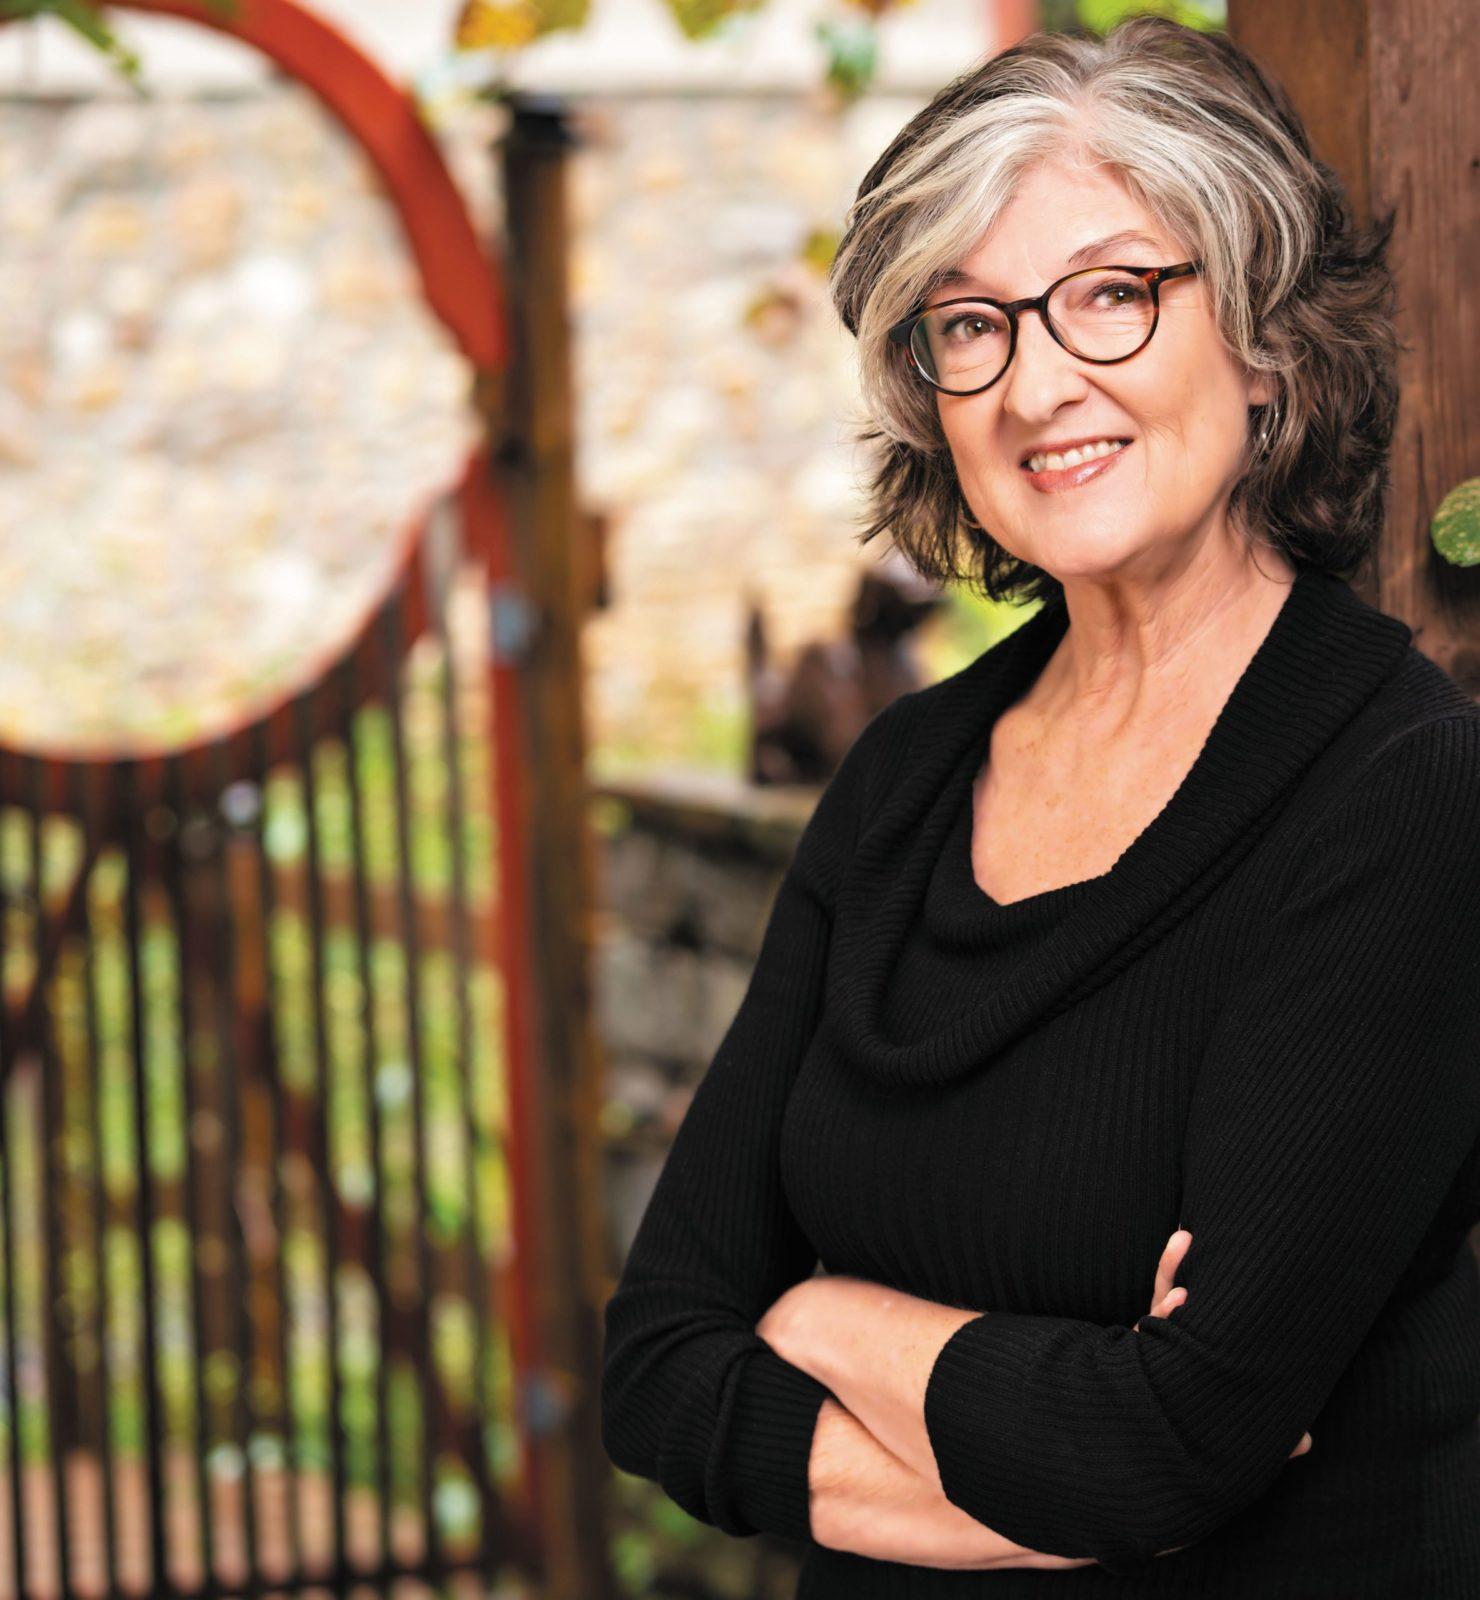 Barbara Kingsolver author photo_PC Evan Kafka